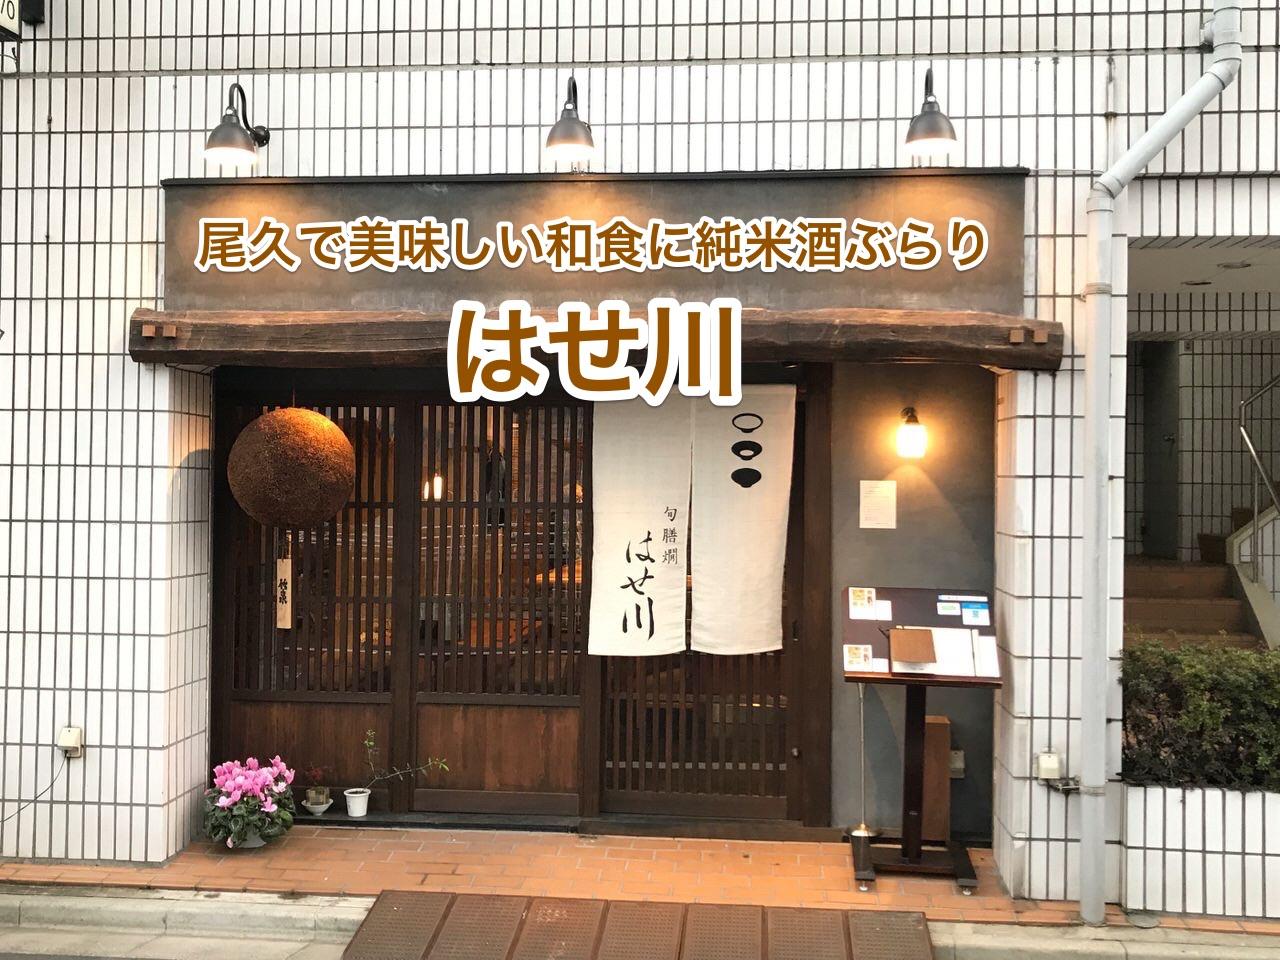 Oku hasegawa 72148title